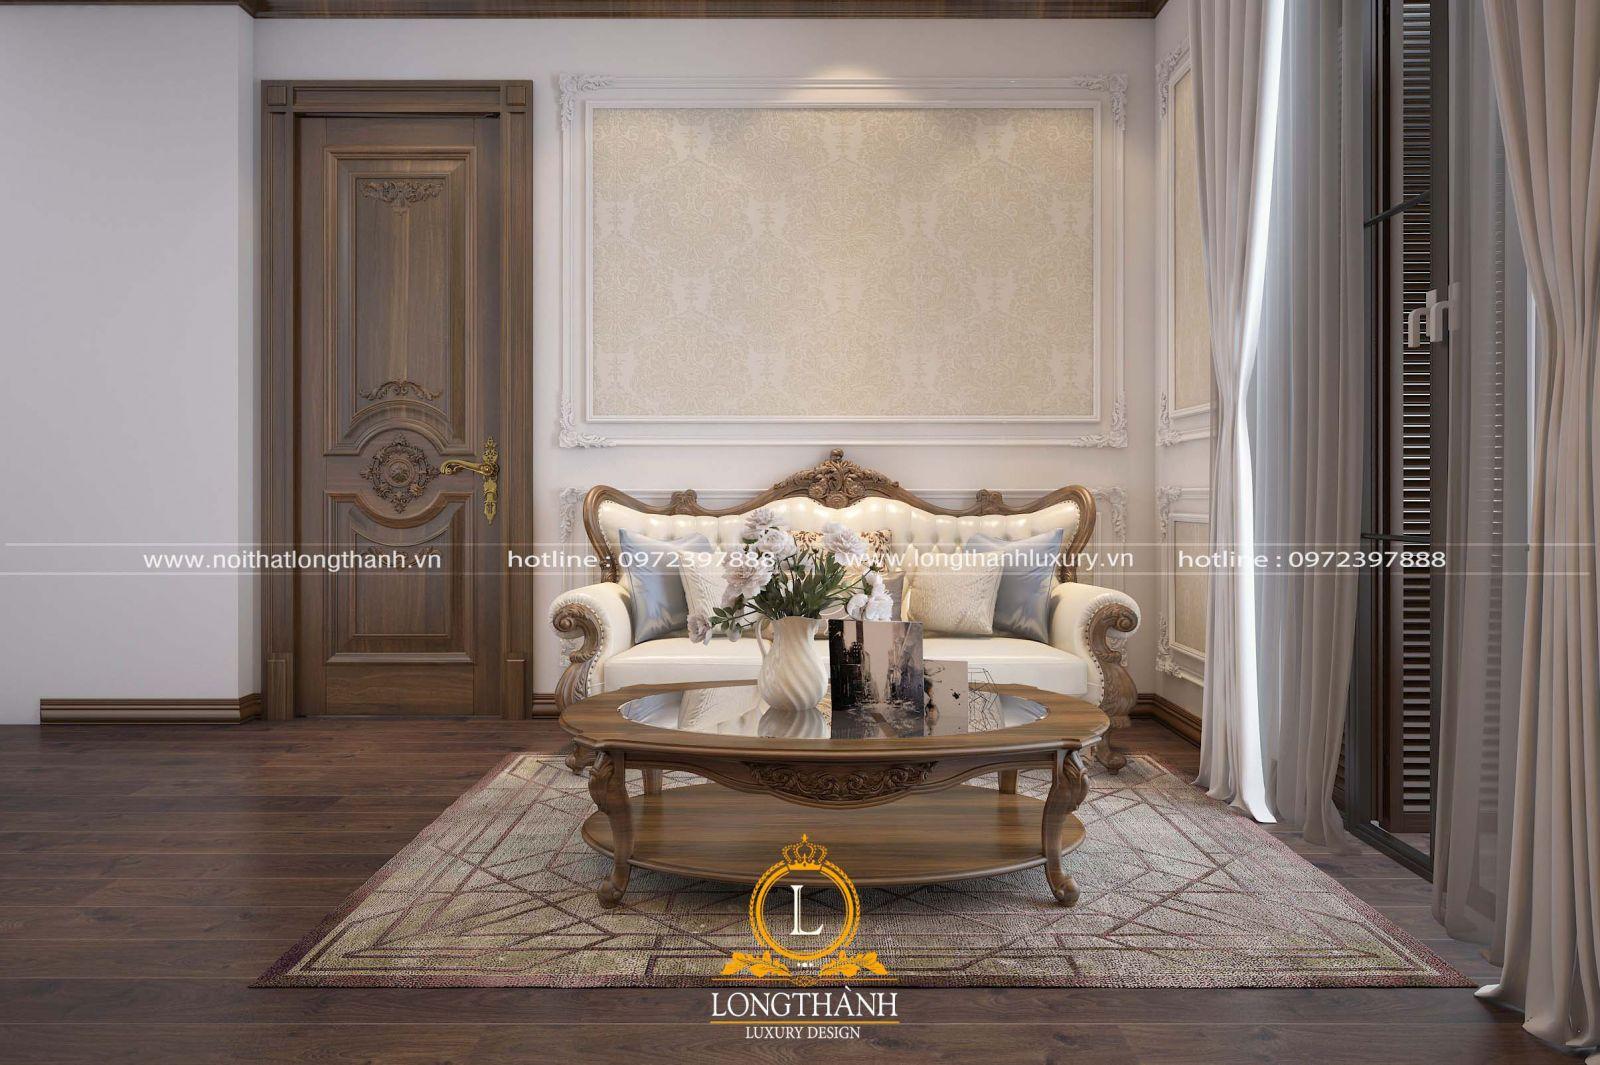 Sofa văng nhỏ gọn cho không gian phòng khách